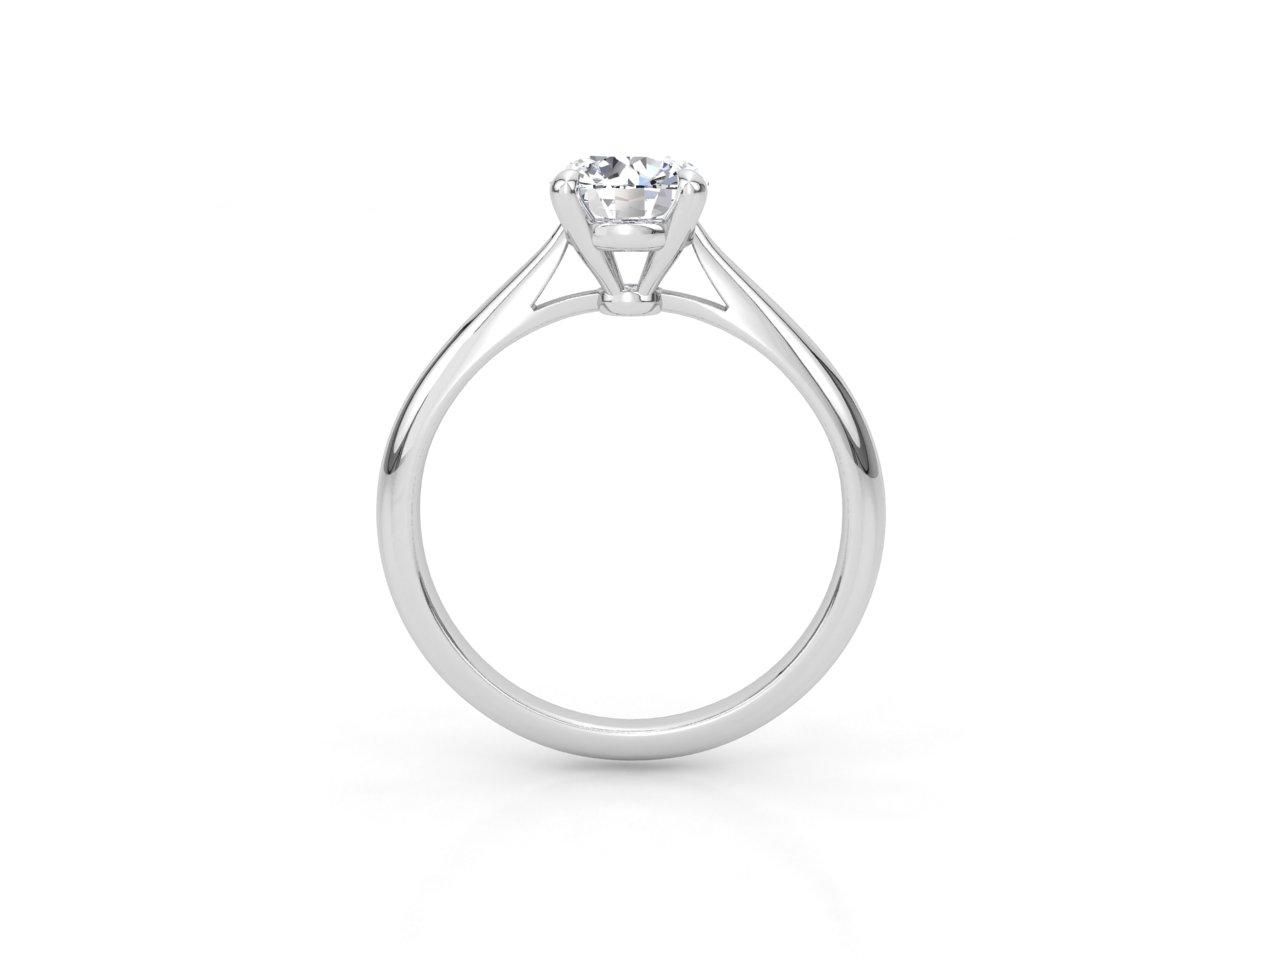 טבעת-אירוסין-זהב-לבן-סוליטר-קלאסית-עם-יהלום-מרכזי-0.83-קראט-5